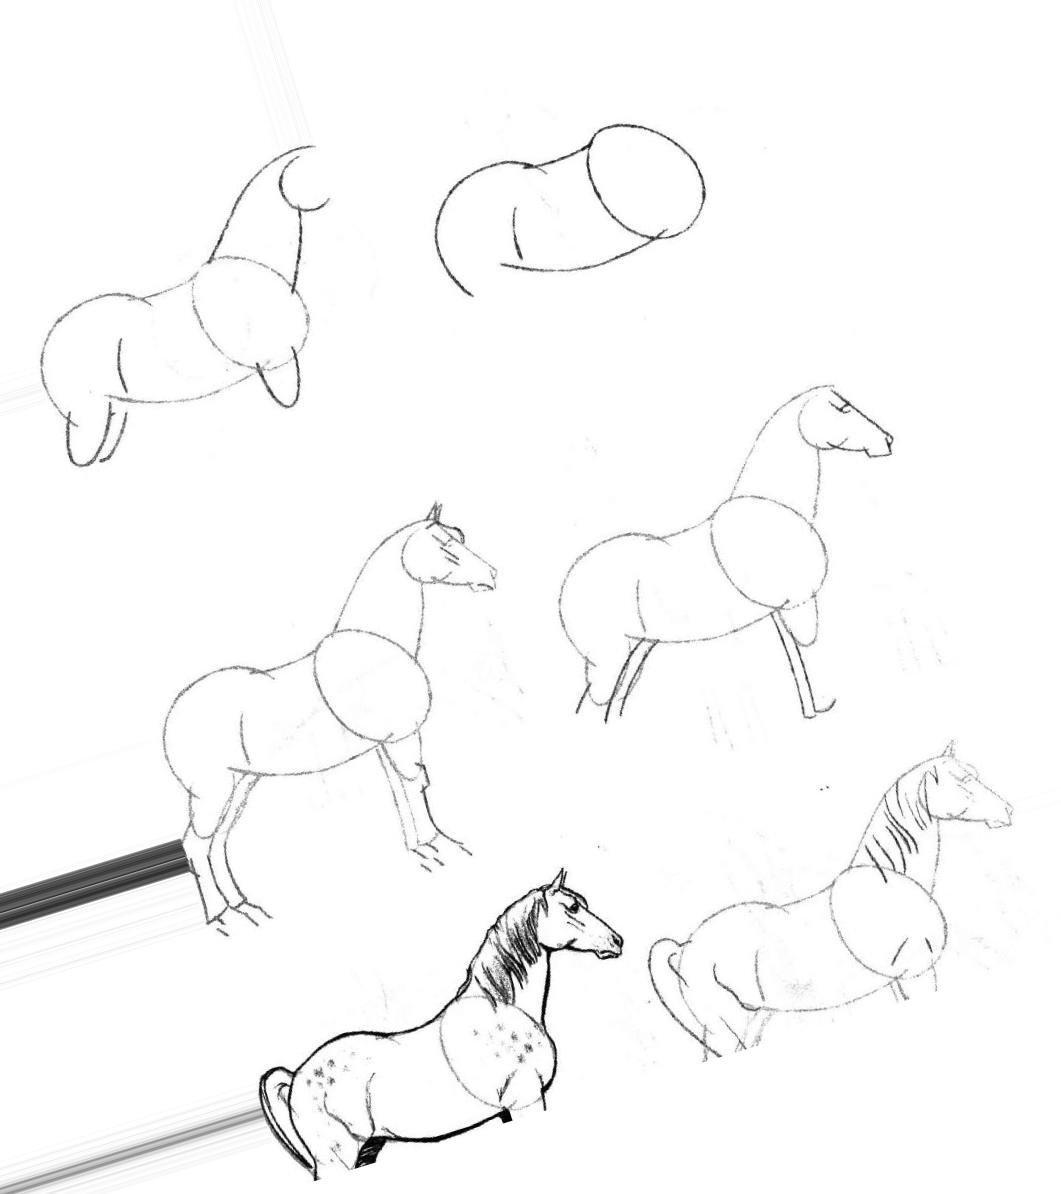 даже пошаговые уроки рисования карандашом в картинках ногами тут заскрипели